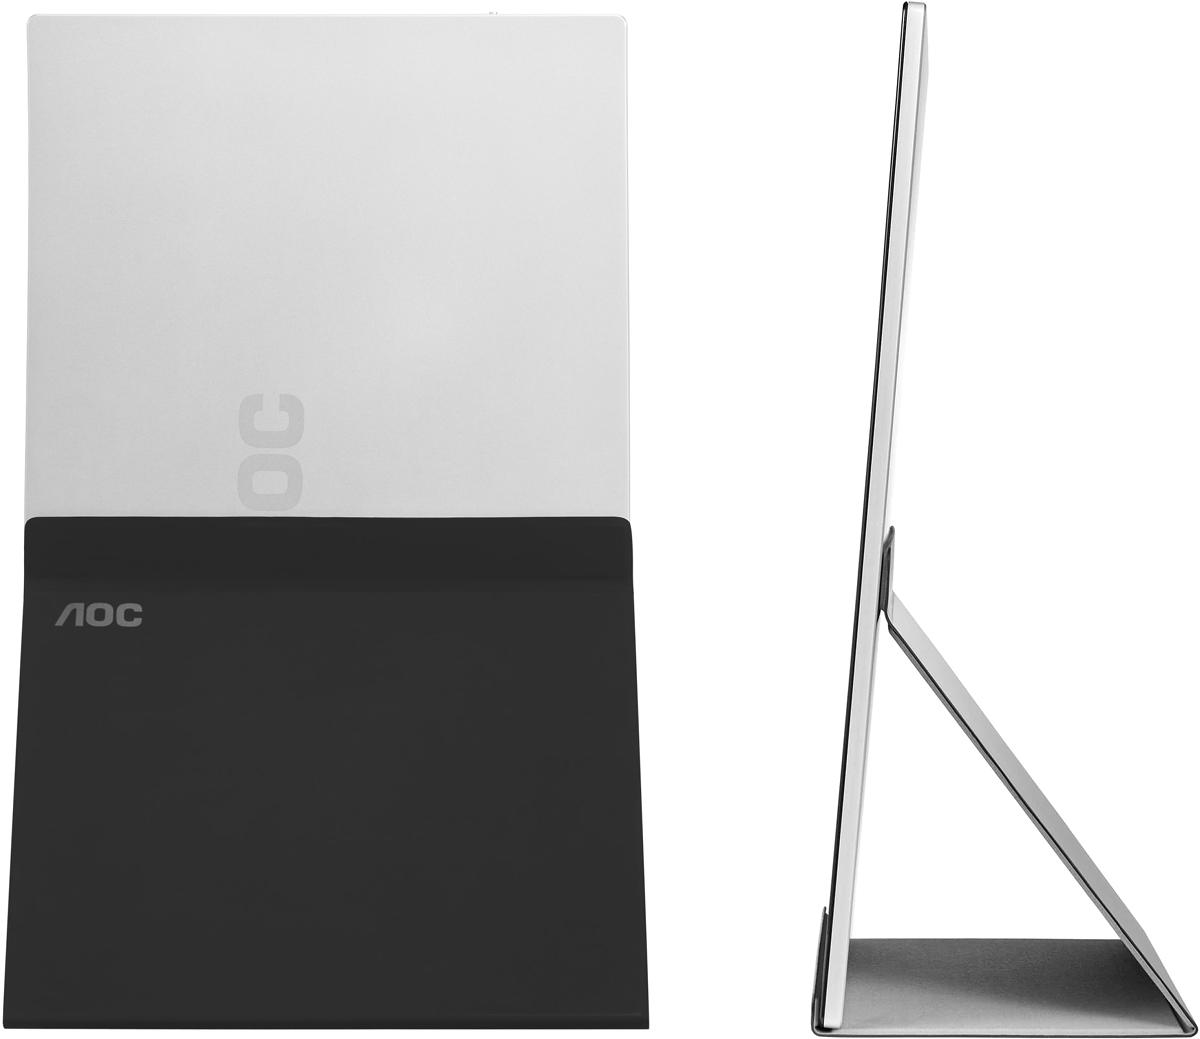 Młodzieńczy AOC I1601FWUX - Przenośny 15-calowy monitor z matrycą IPS | PurePC.pl IA02